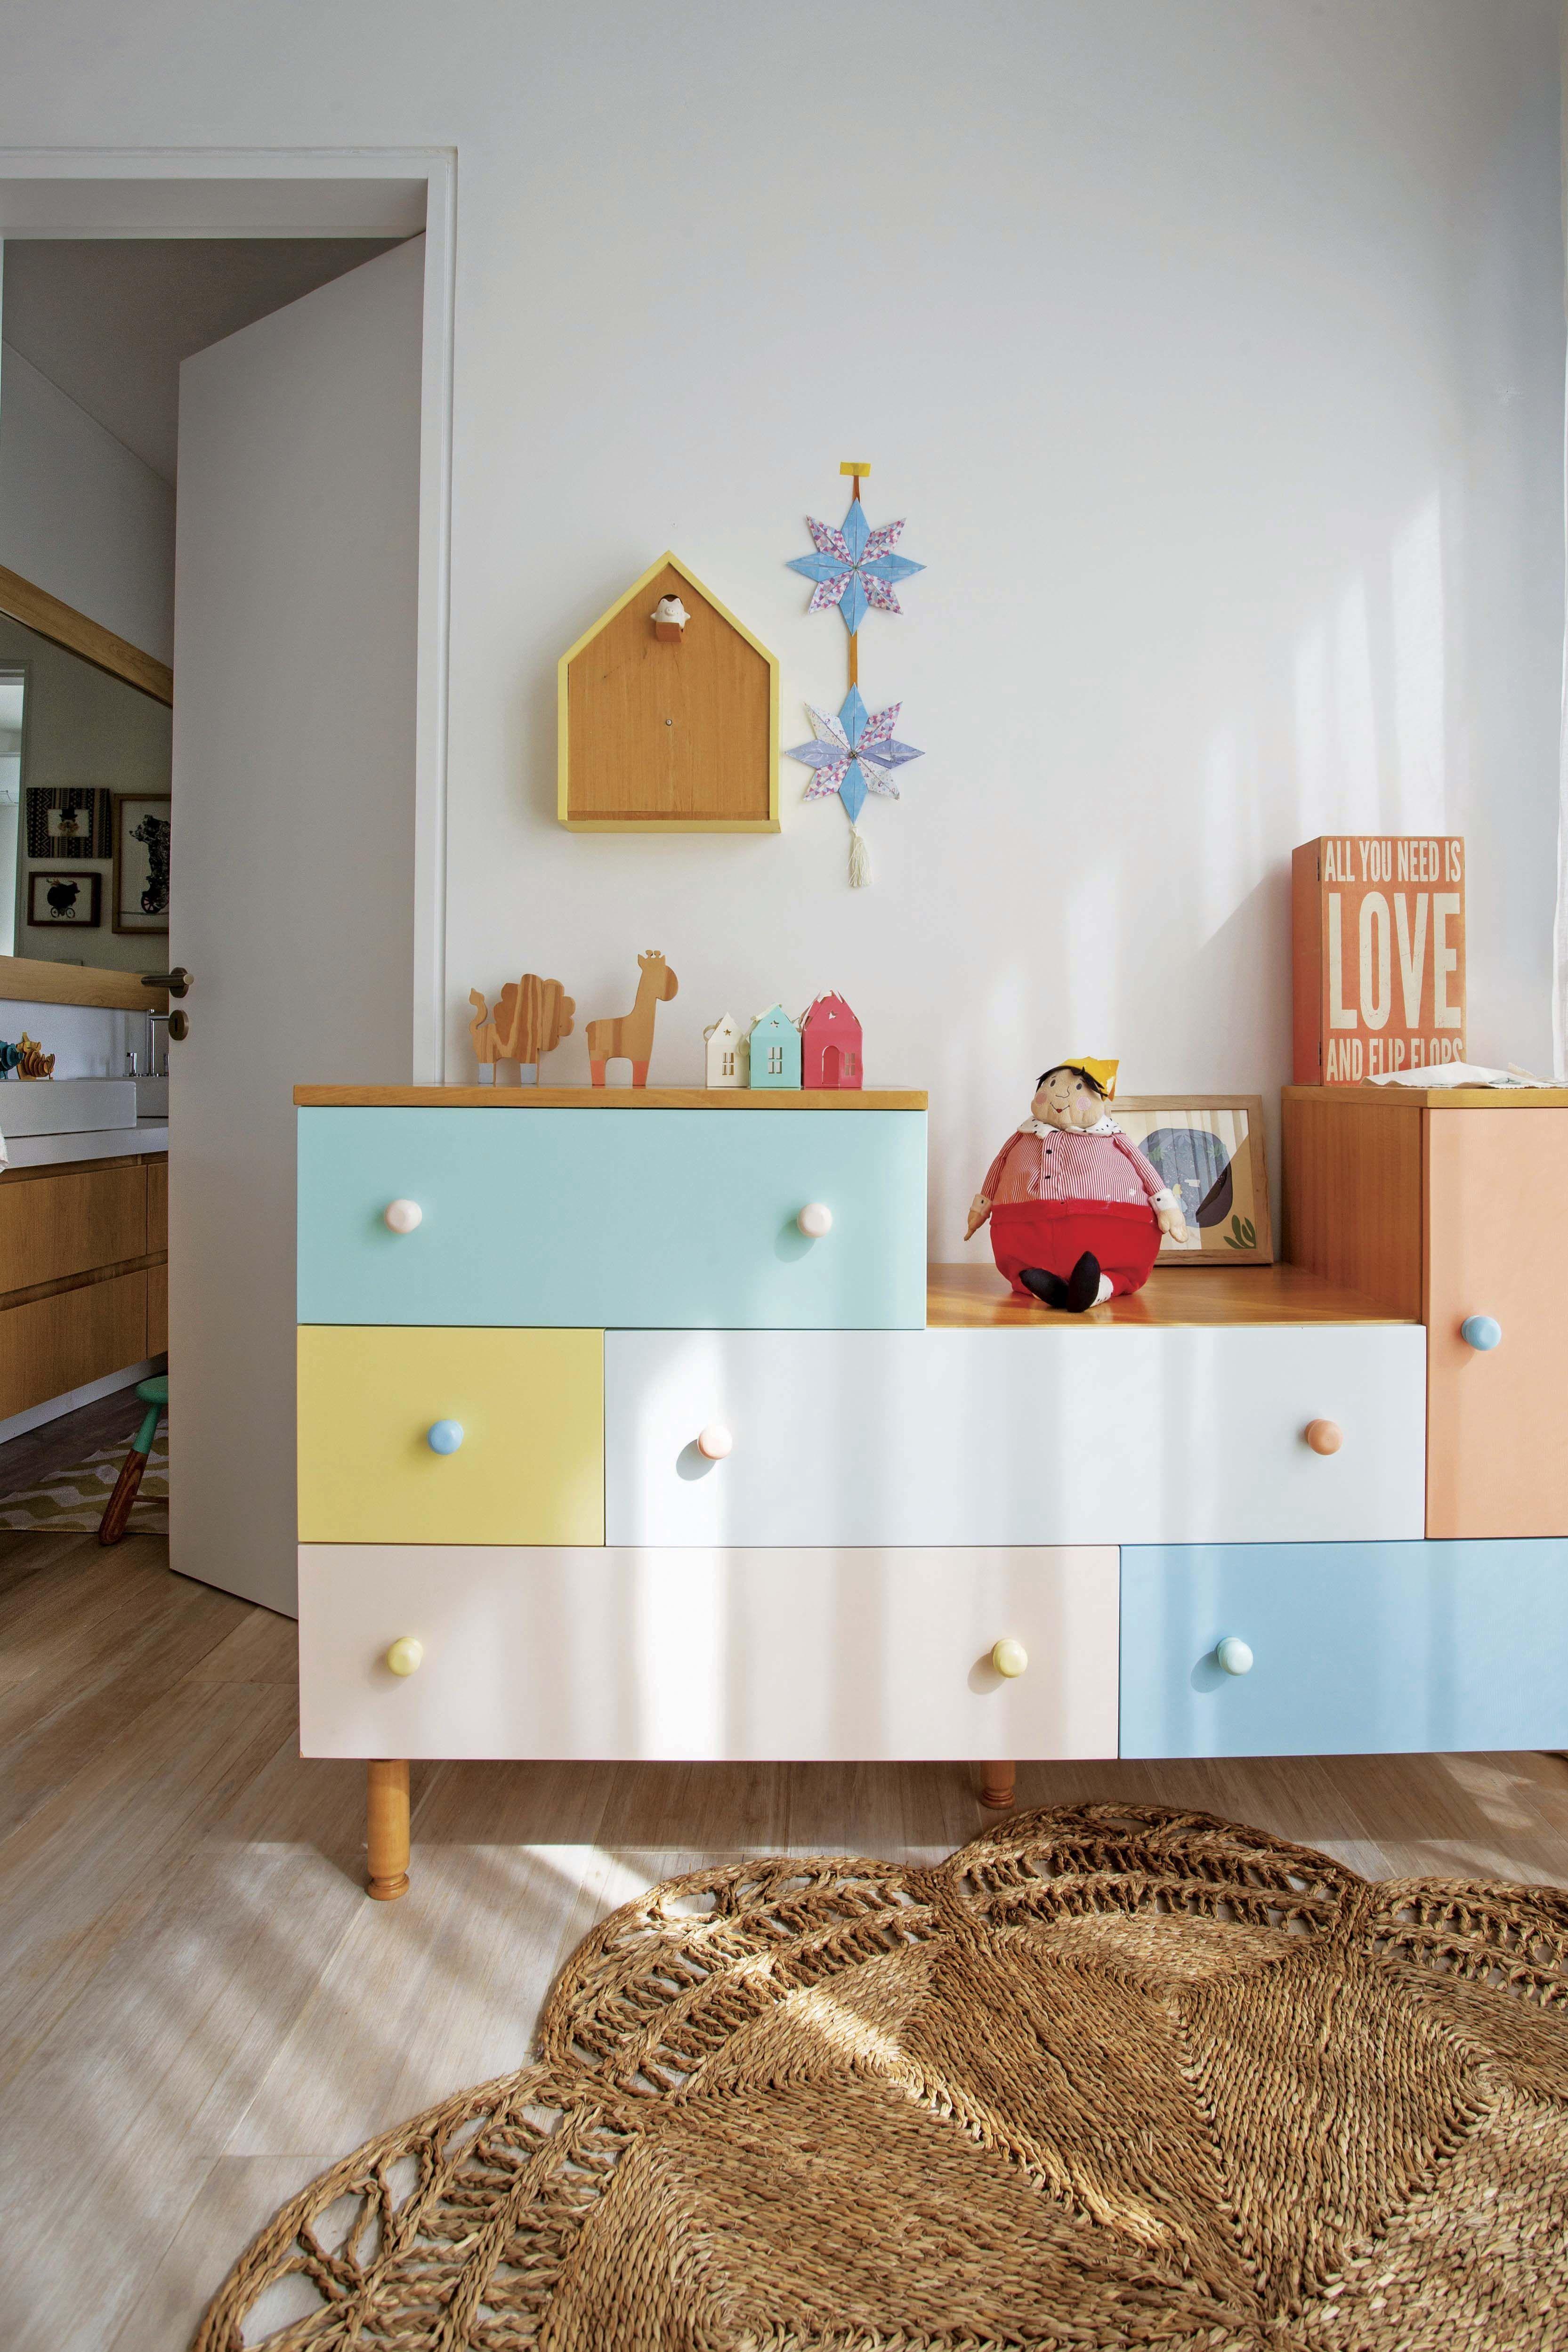 En una casa cuarto de una nena conectado con un baño con cómoda de colores y alfombra circular de yute